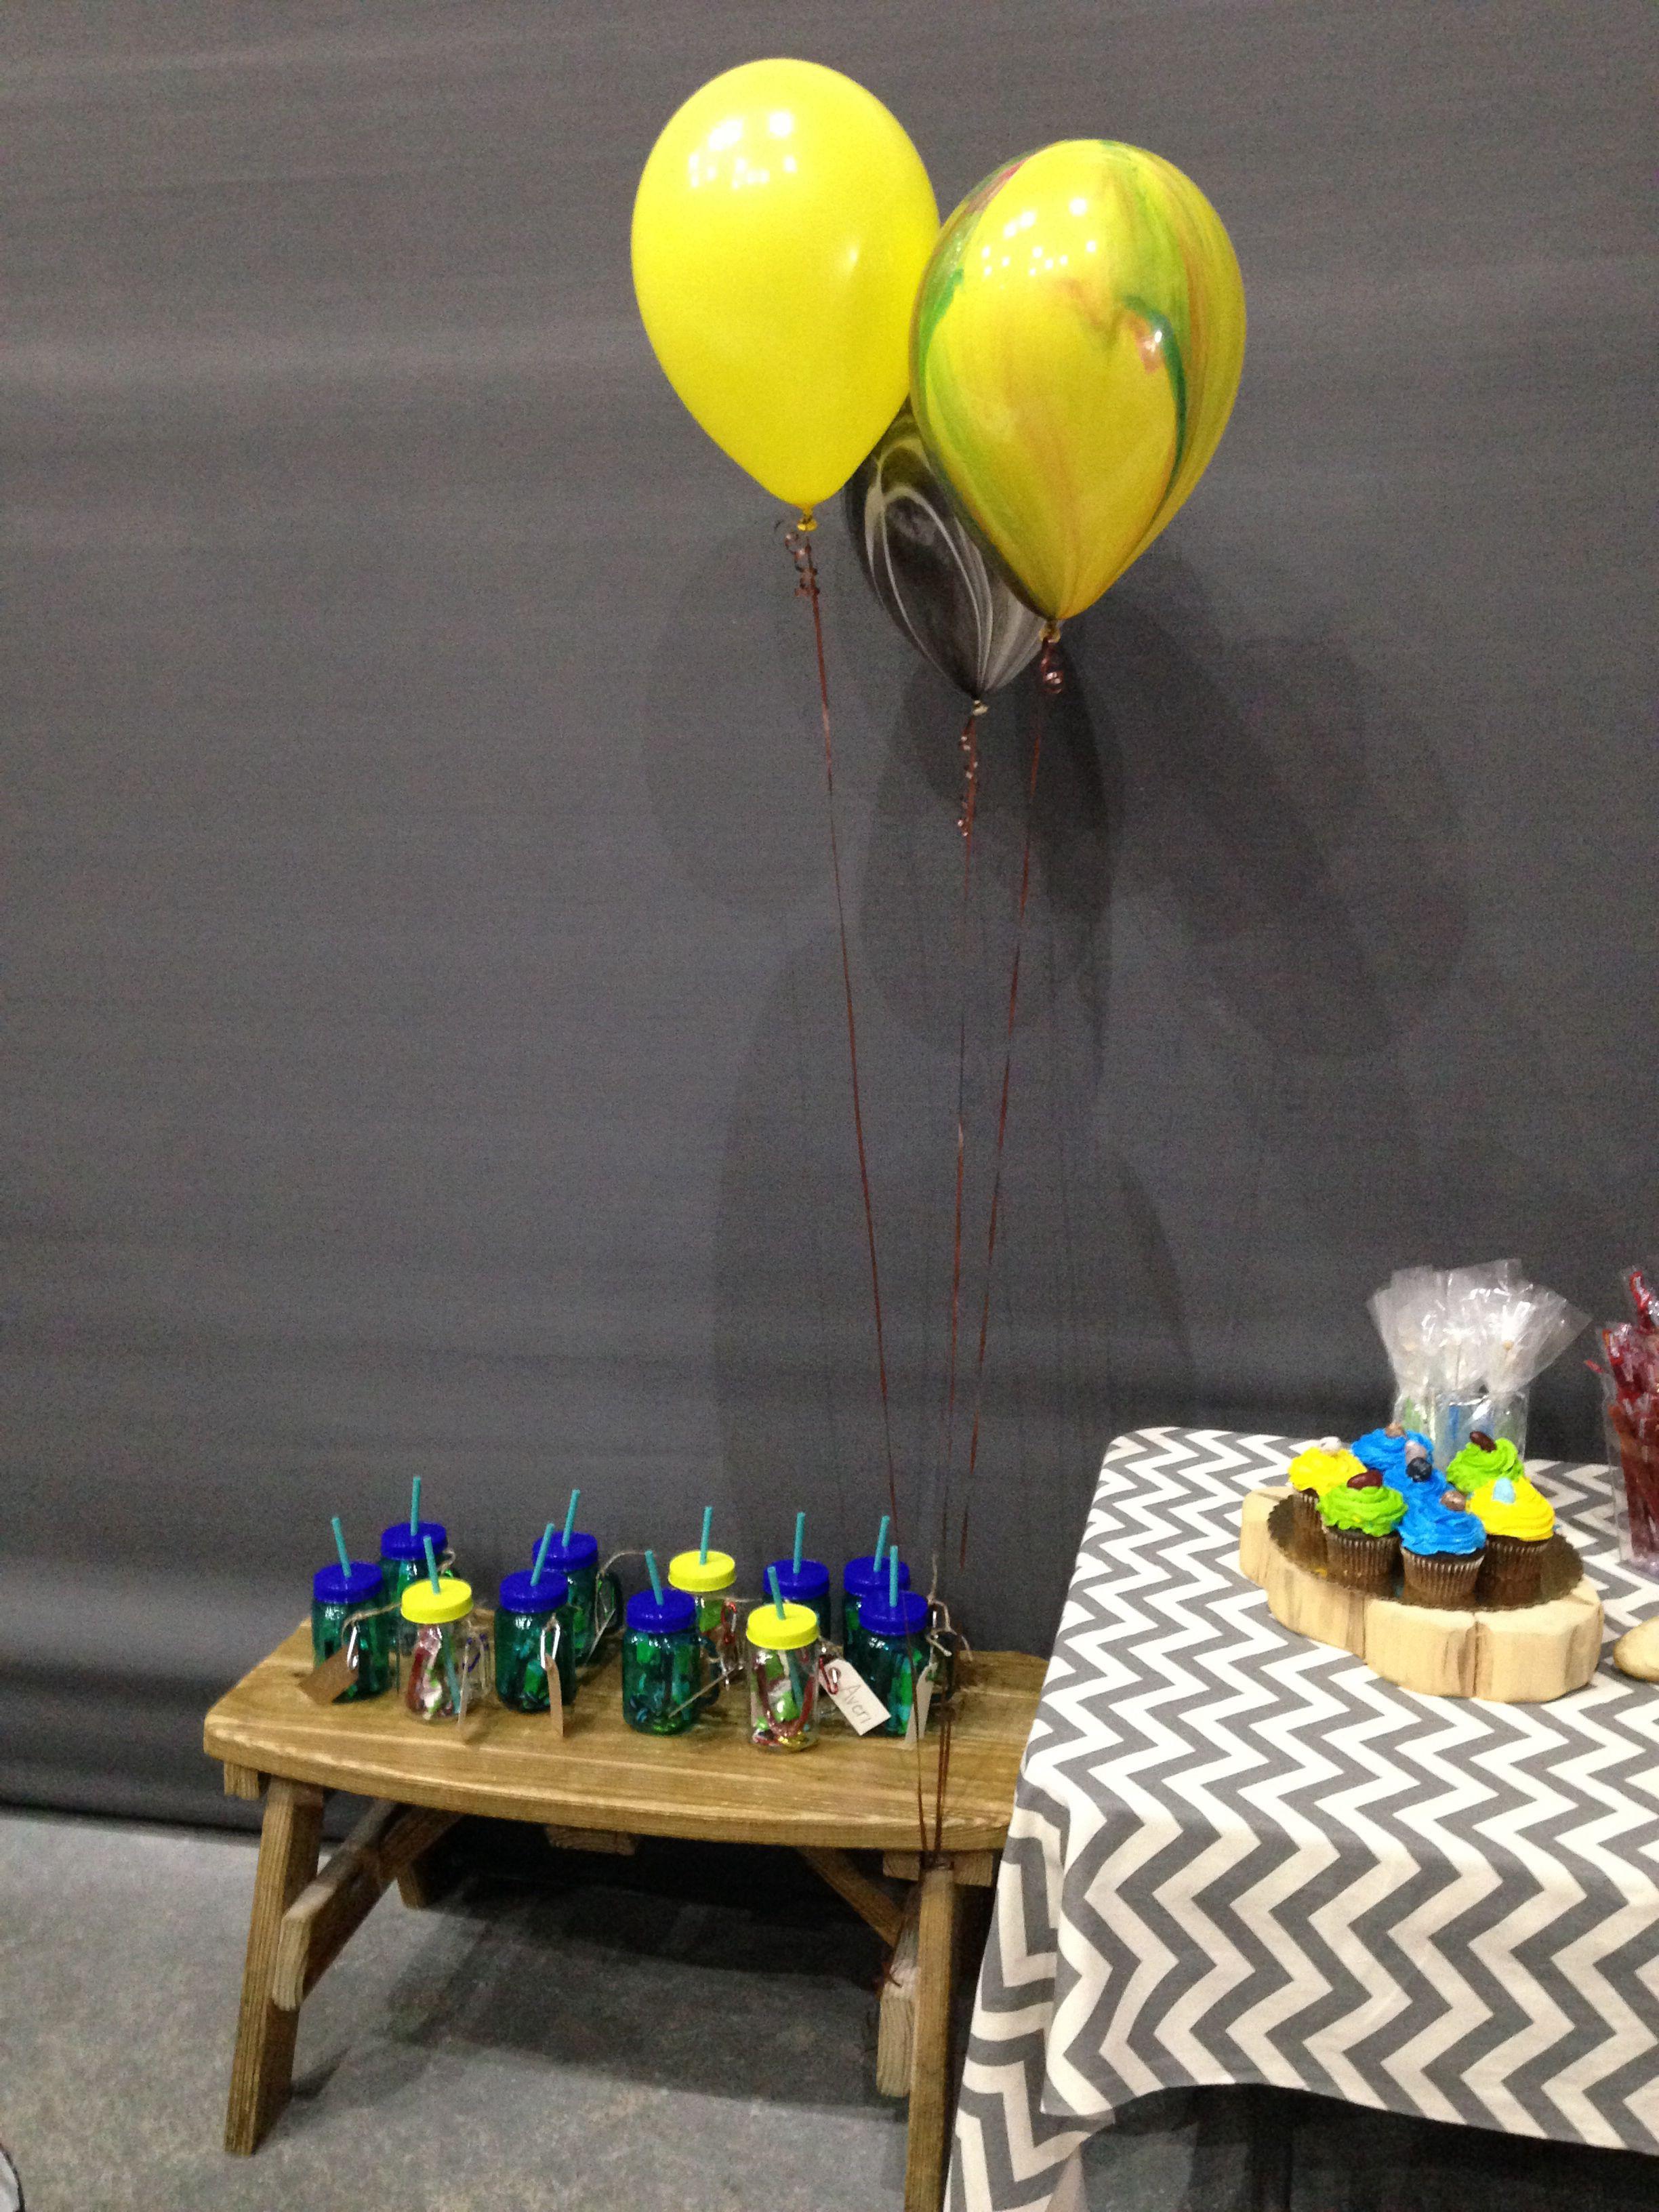 Add a few fun balloons into the mix fun balloons